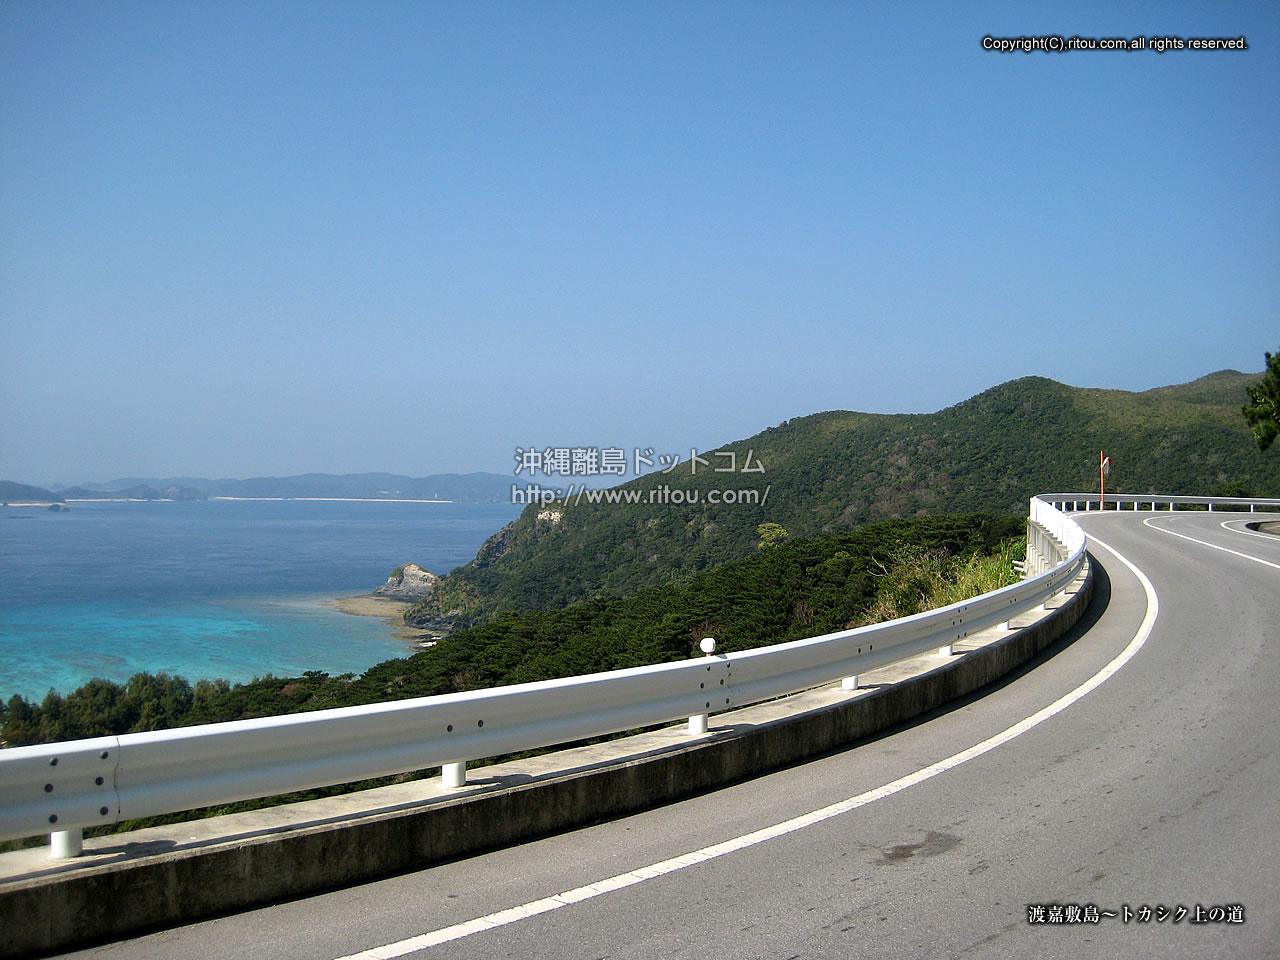 渡嘉敷島〜トカシク上の道